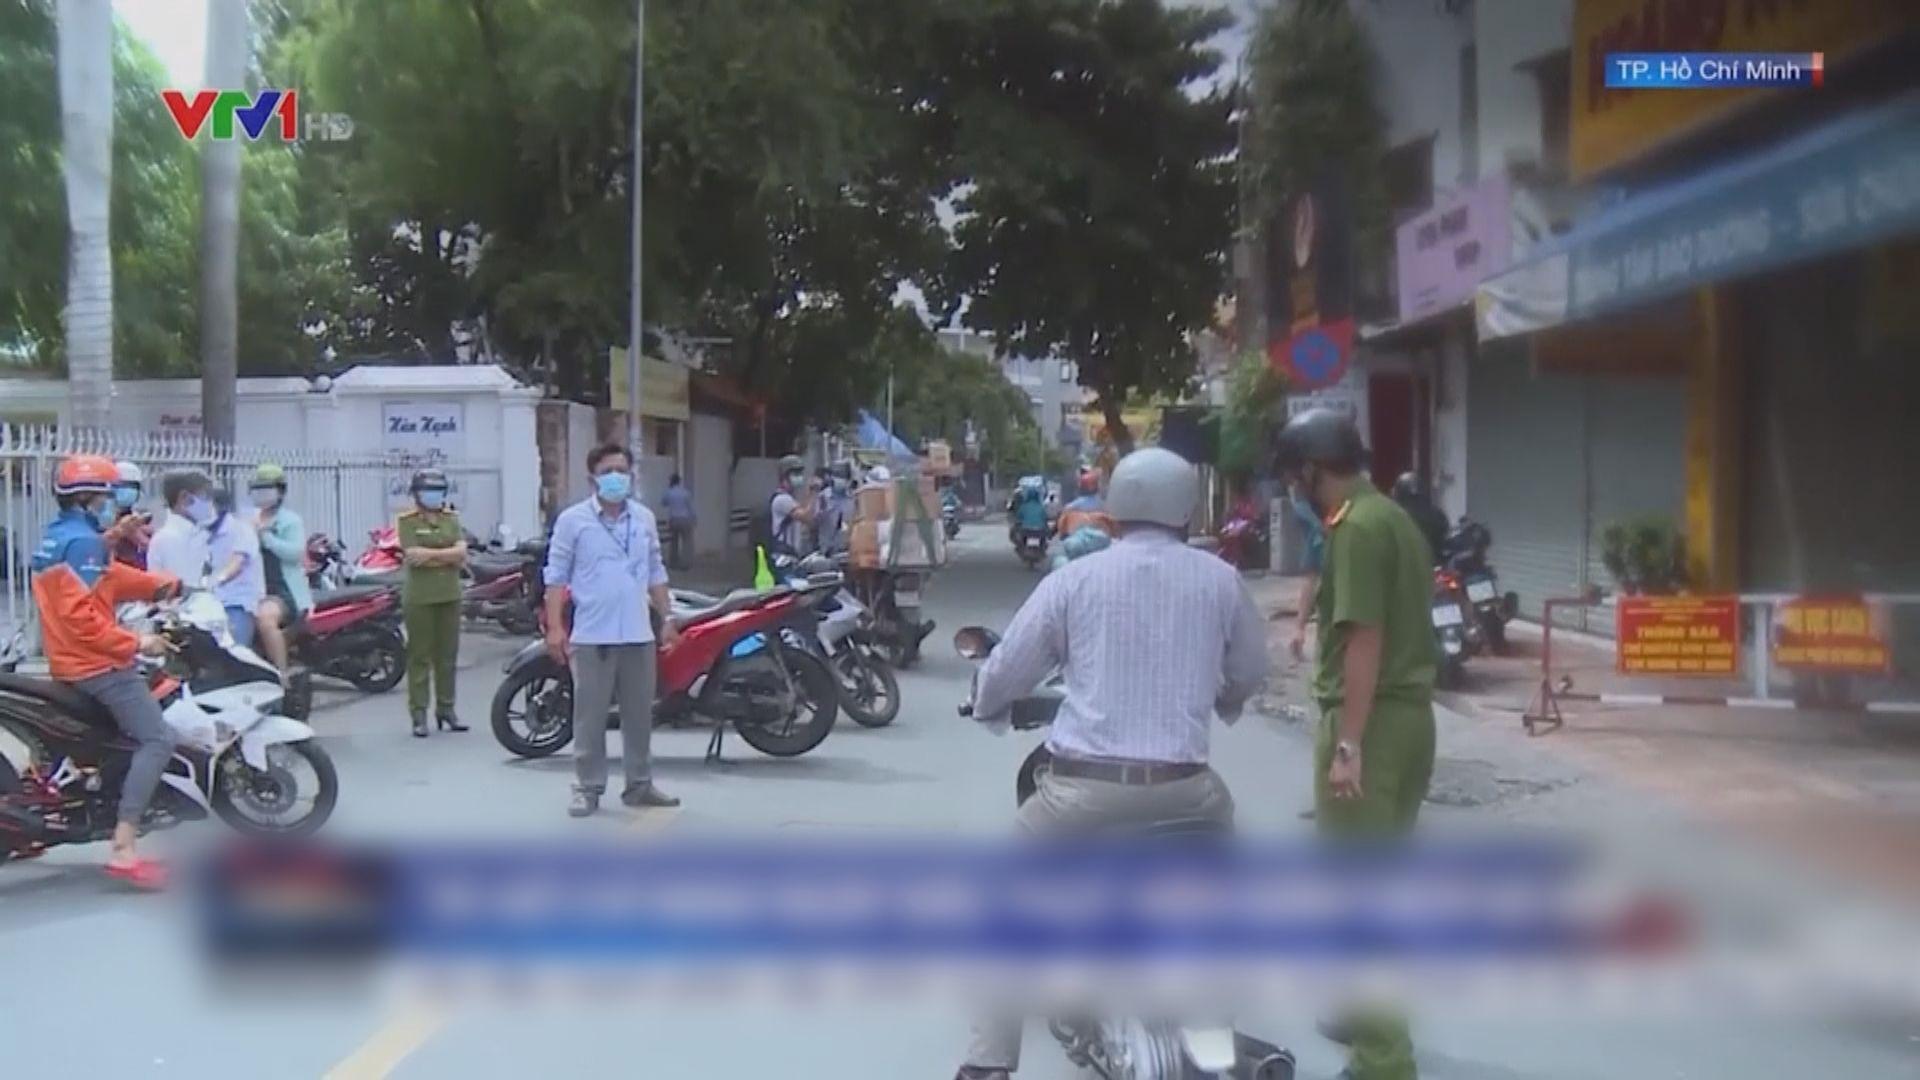 越南疫情嚴重 胡志明市封城兩周